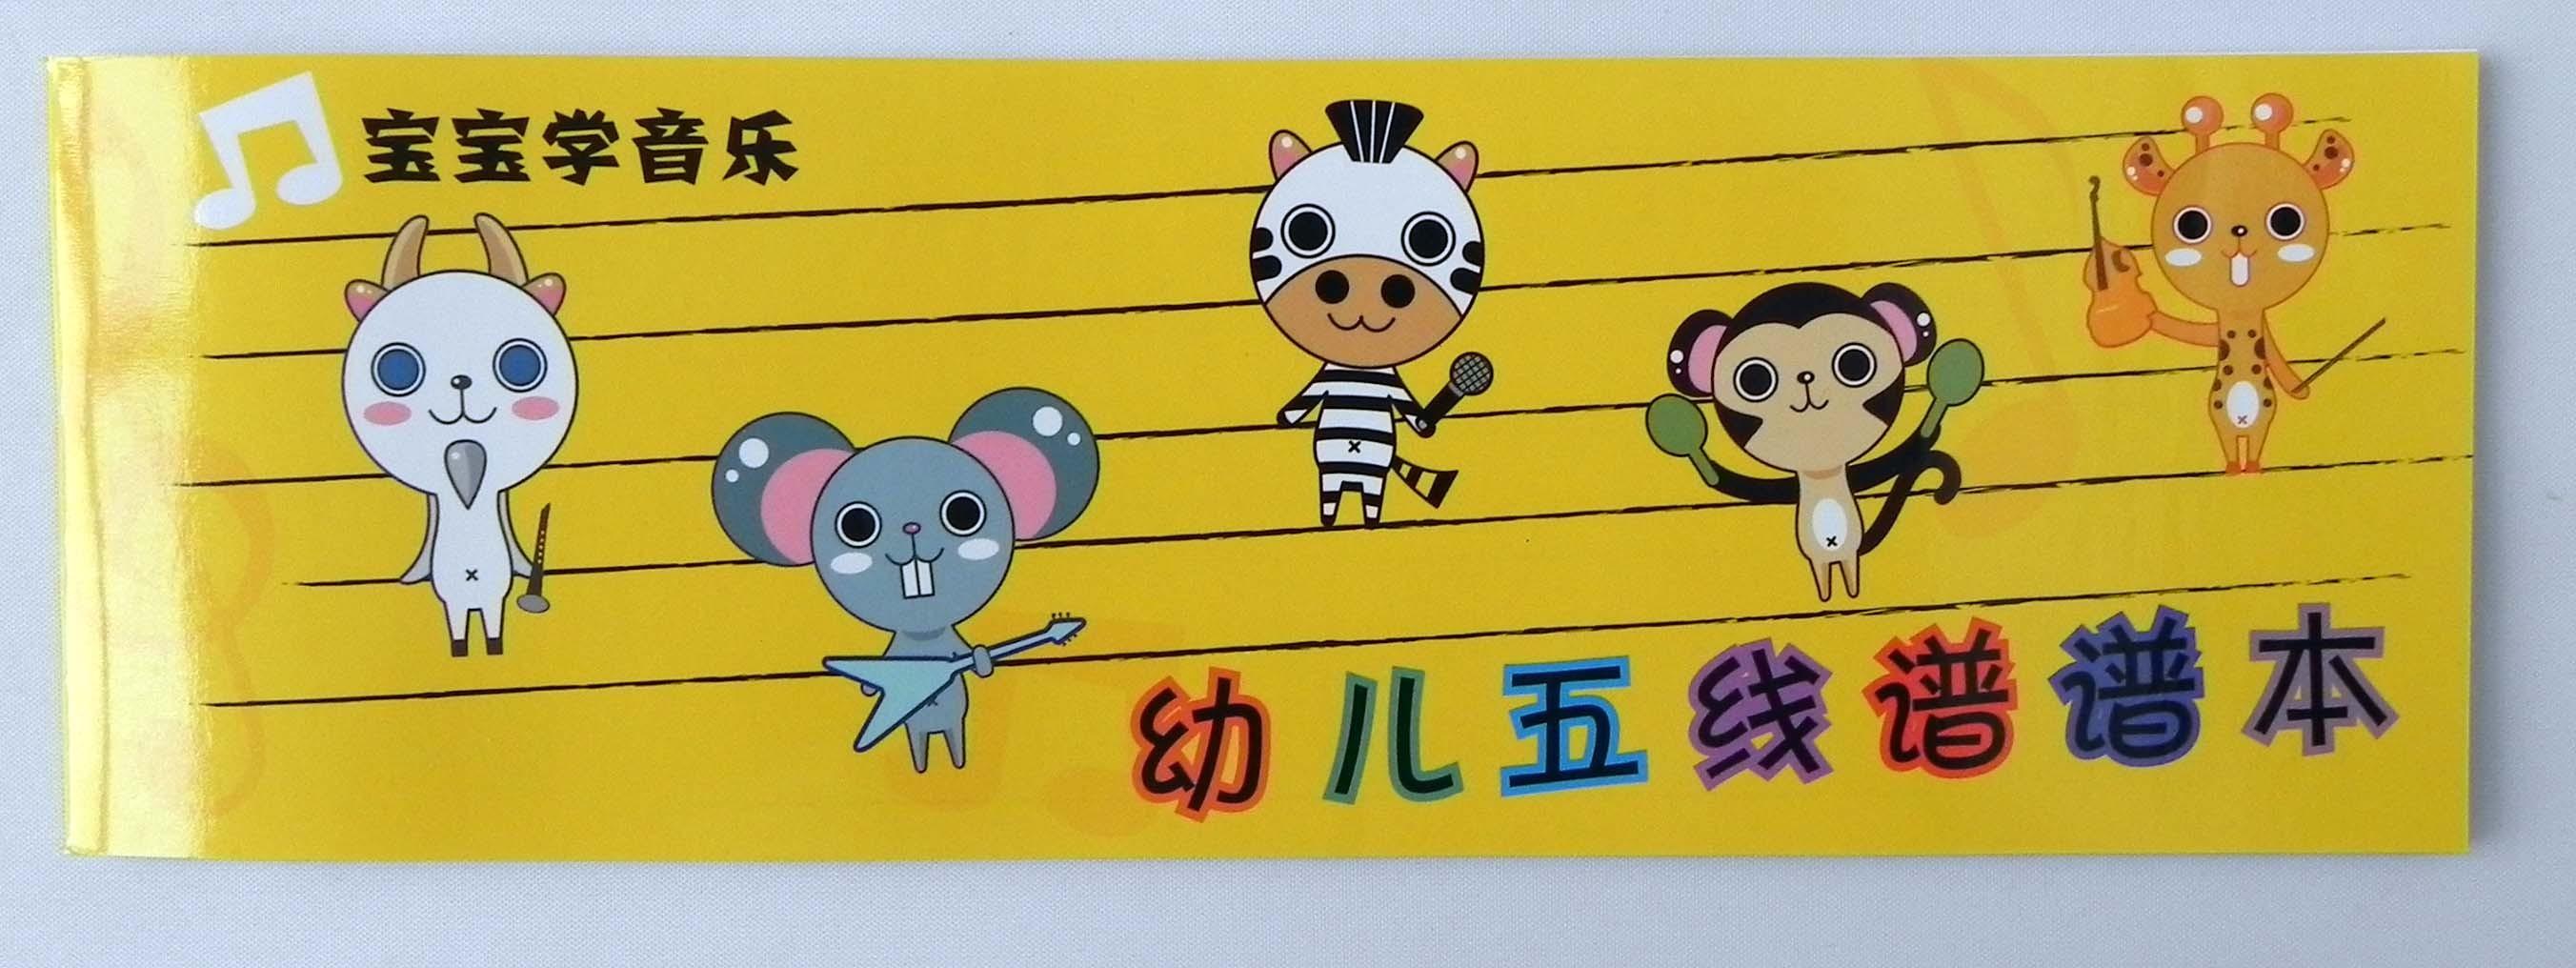 卡通 五线谱/特价五线谱本 卡通谱本幼儿五线谱谱本琴童宝宝专